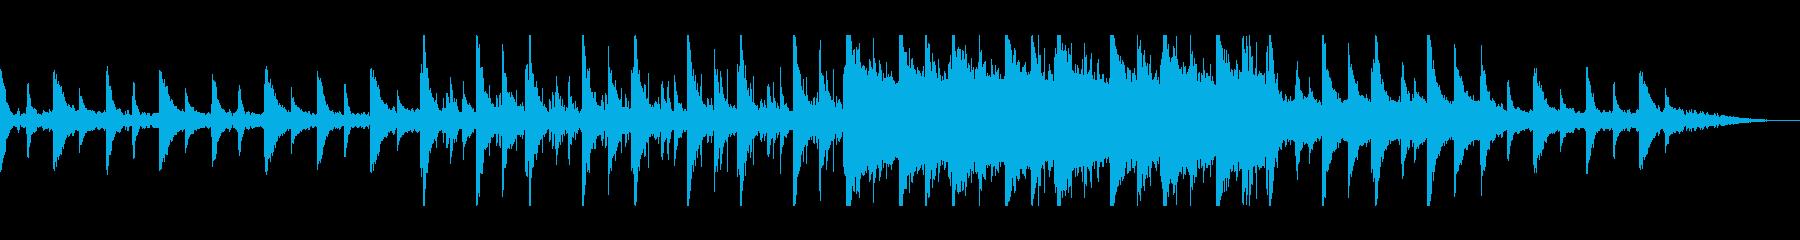 美しく滑らかなストリングのピアノ曲の再生済みの波形